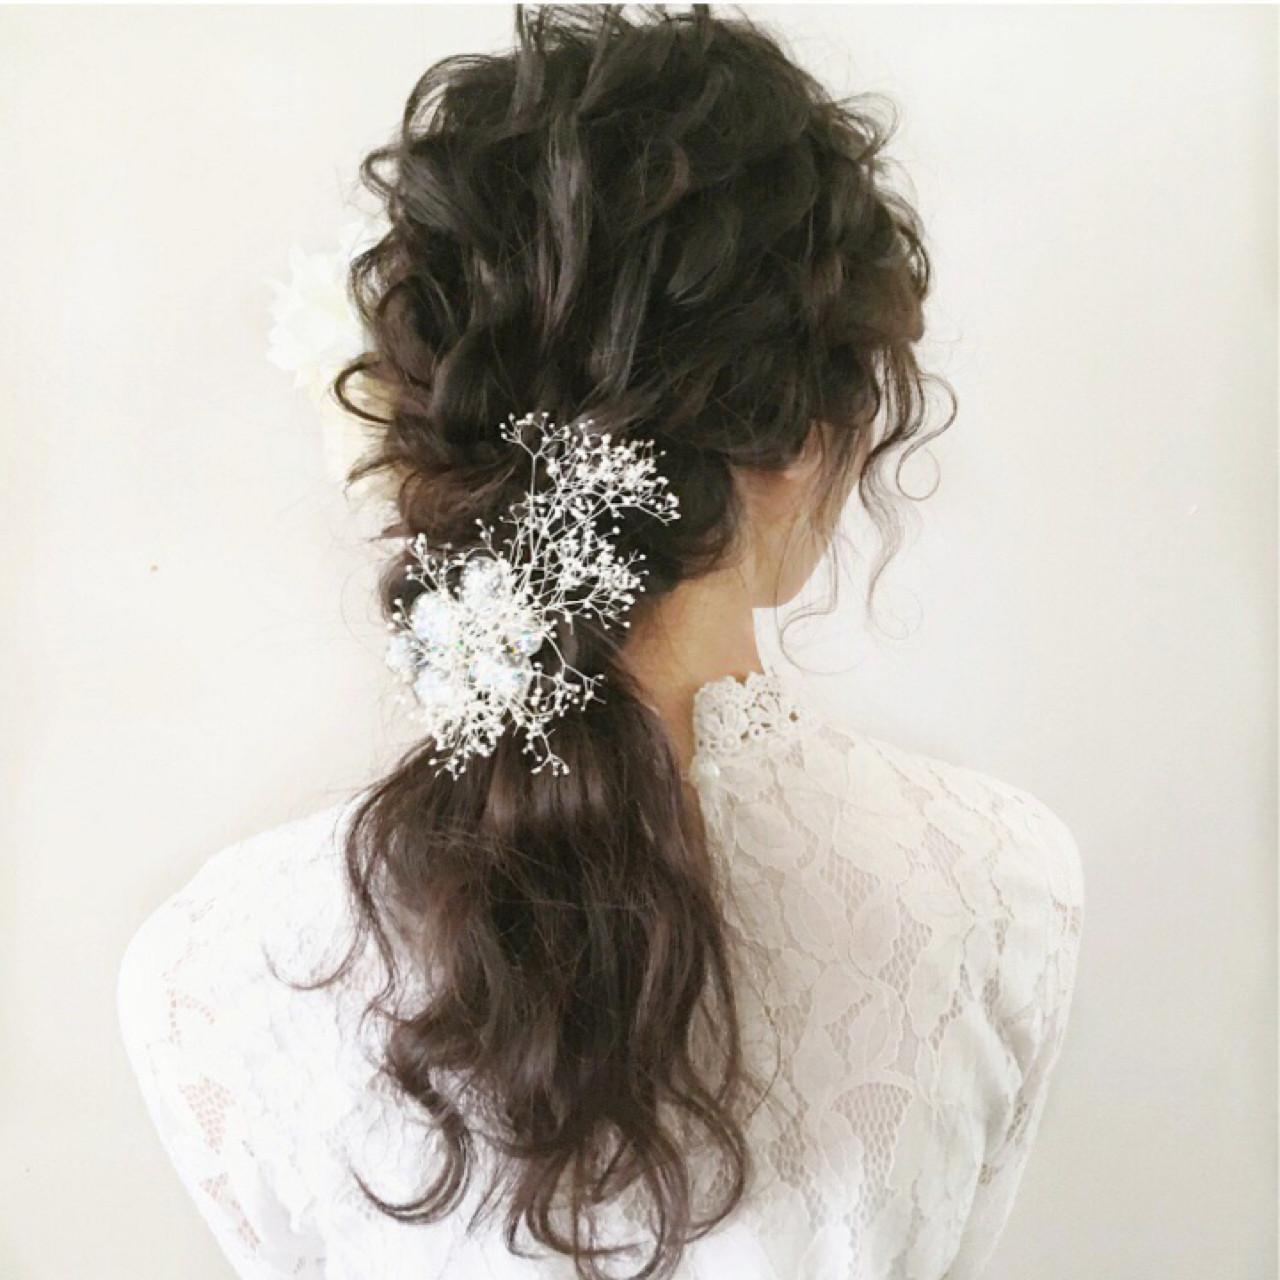 クラシカルなドレスには柔らかいダウンスタイルも tomoya tamada